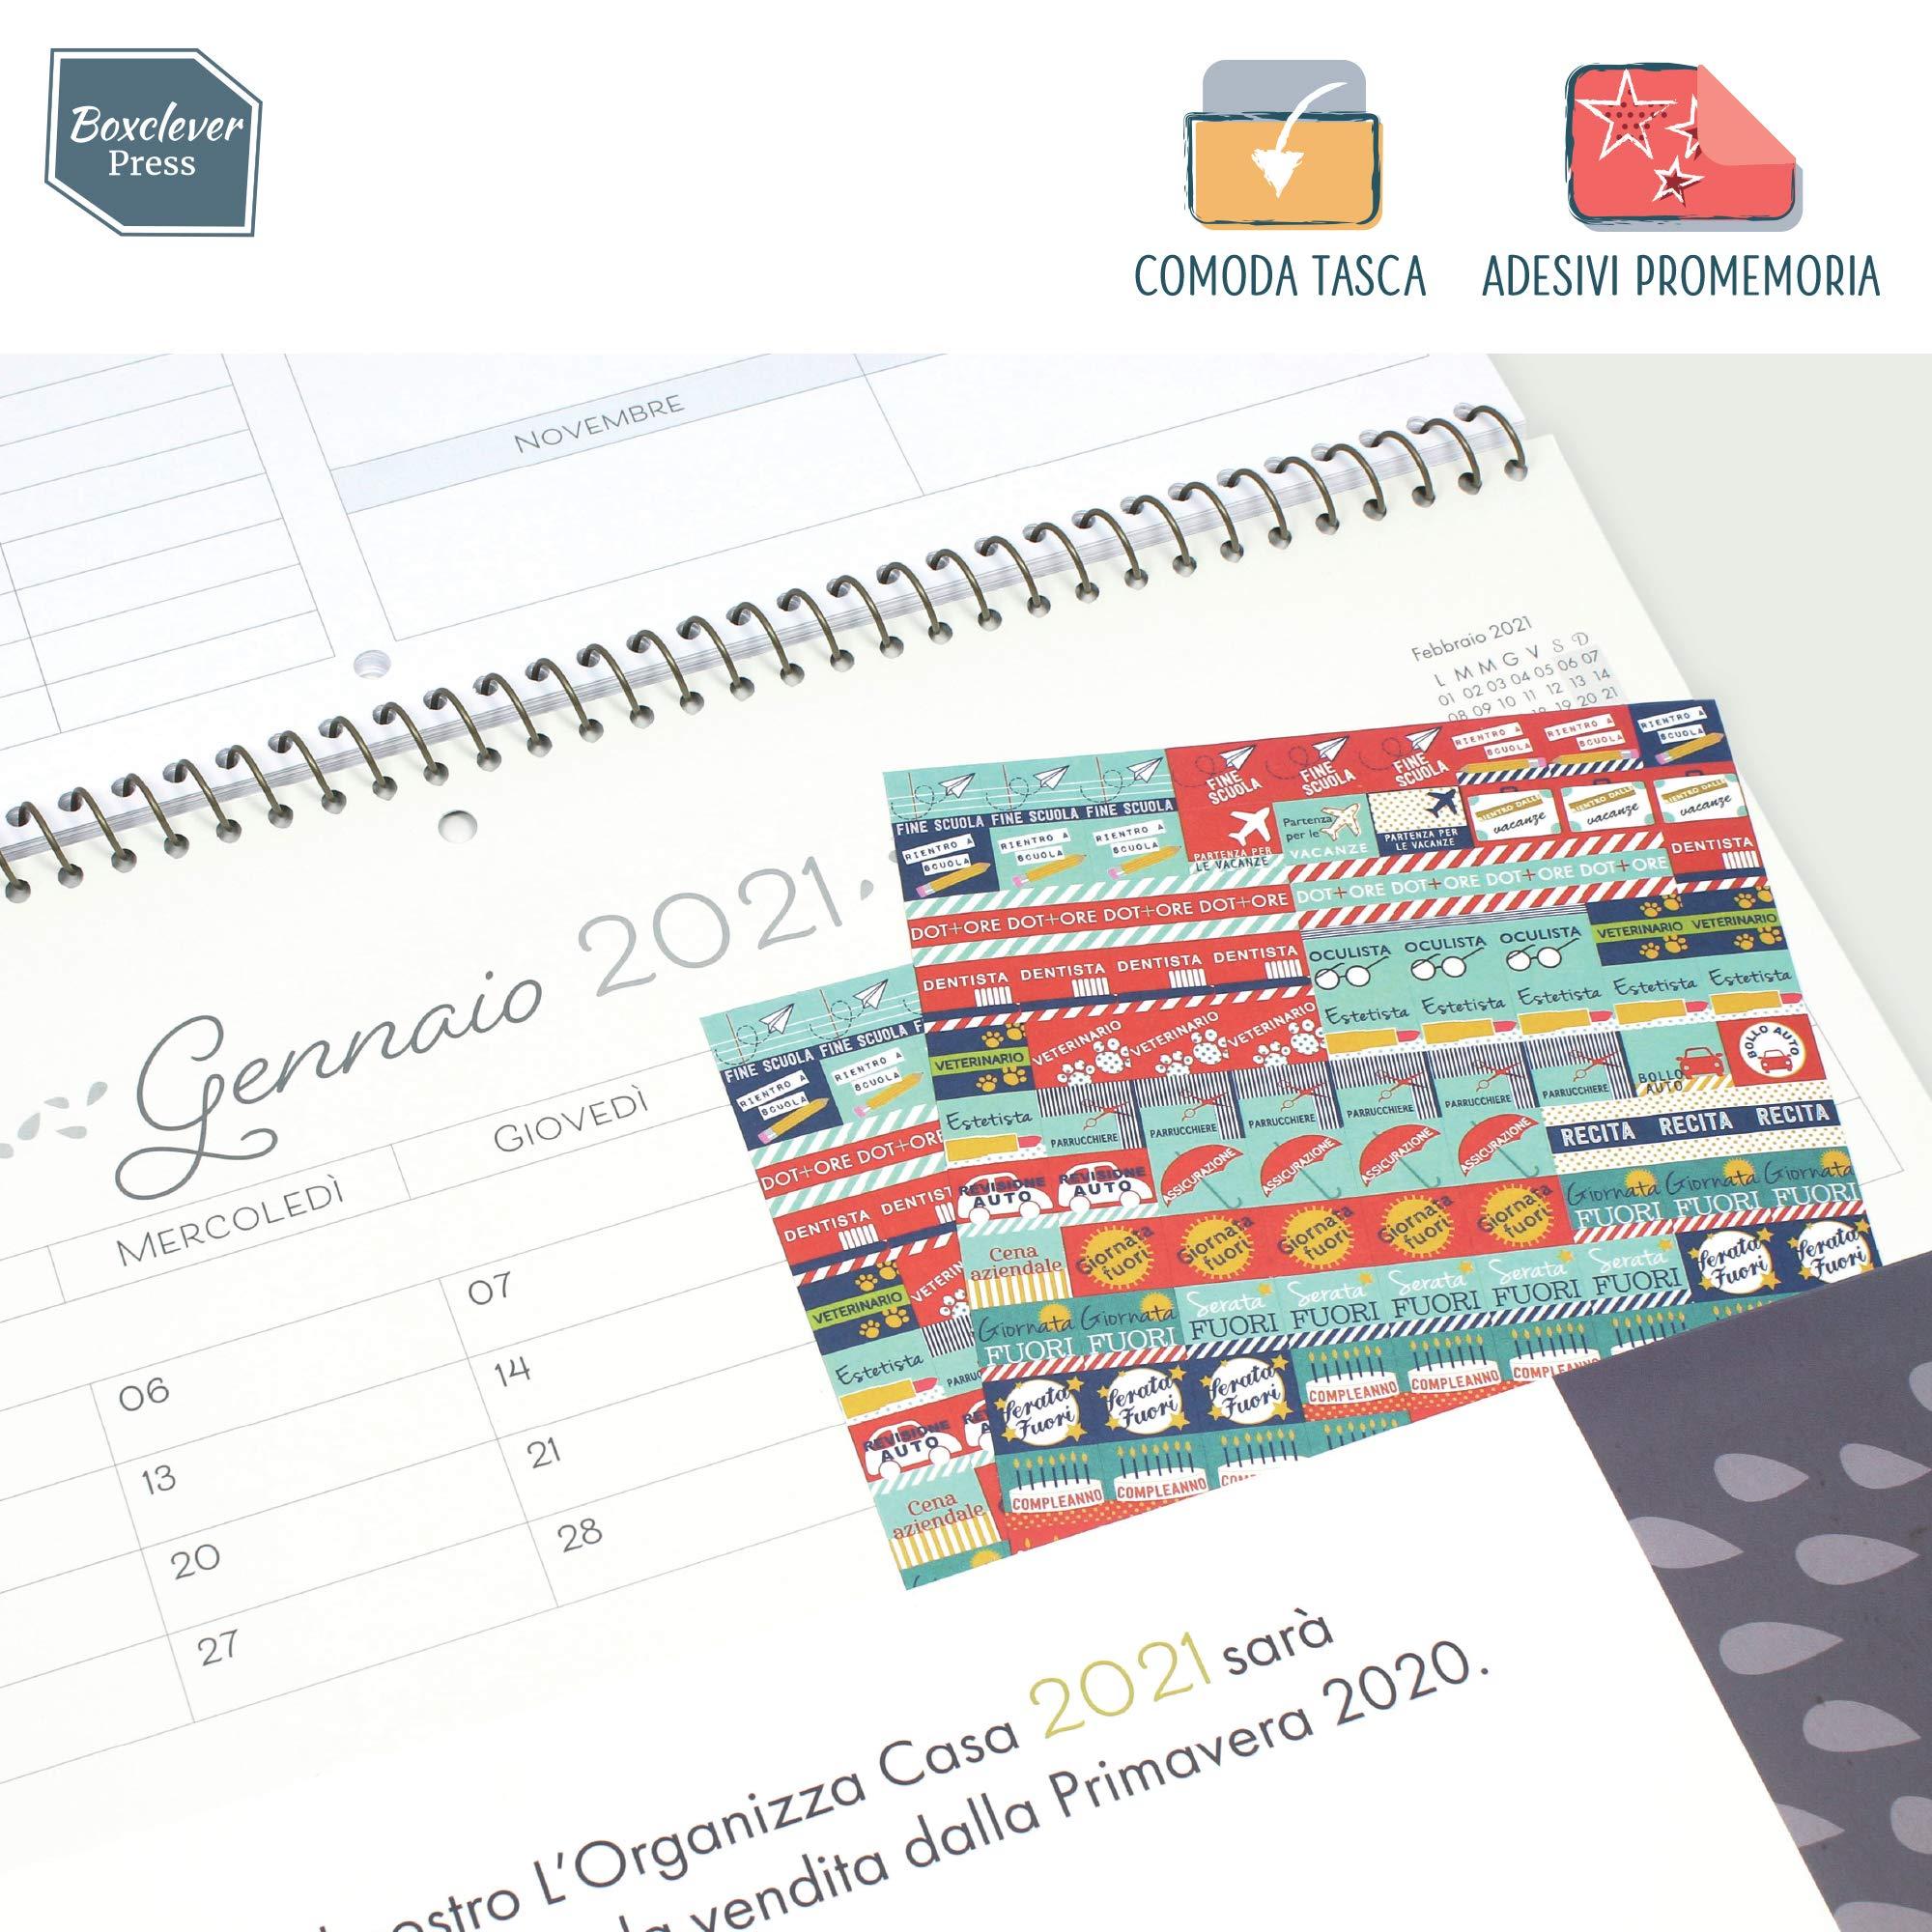 Calendario Mensile Settembre 2020.Boxclever Press L Organizza Casa Calendario Mensile 2019 2020 Calendario 2019 Da Muro Accademico In Italiano Con Ampio Spazio Inizia Da Settembre